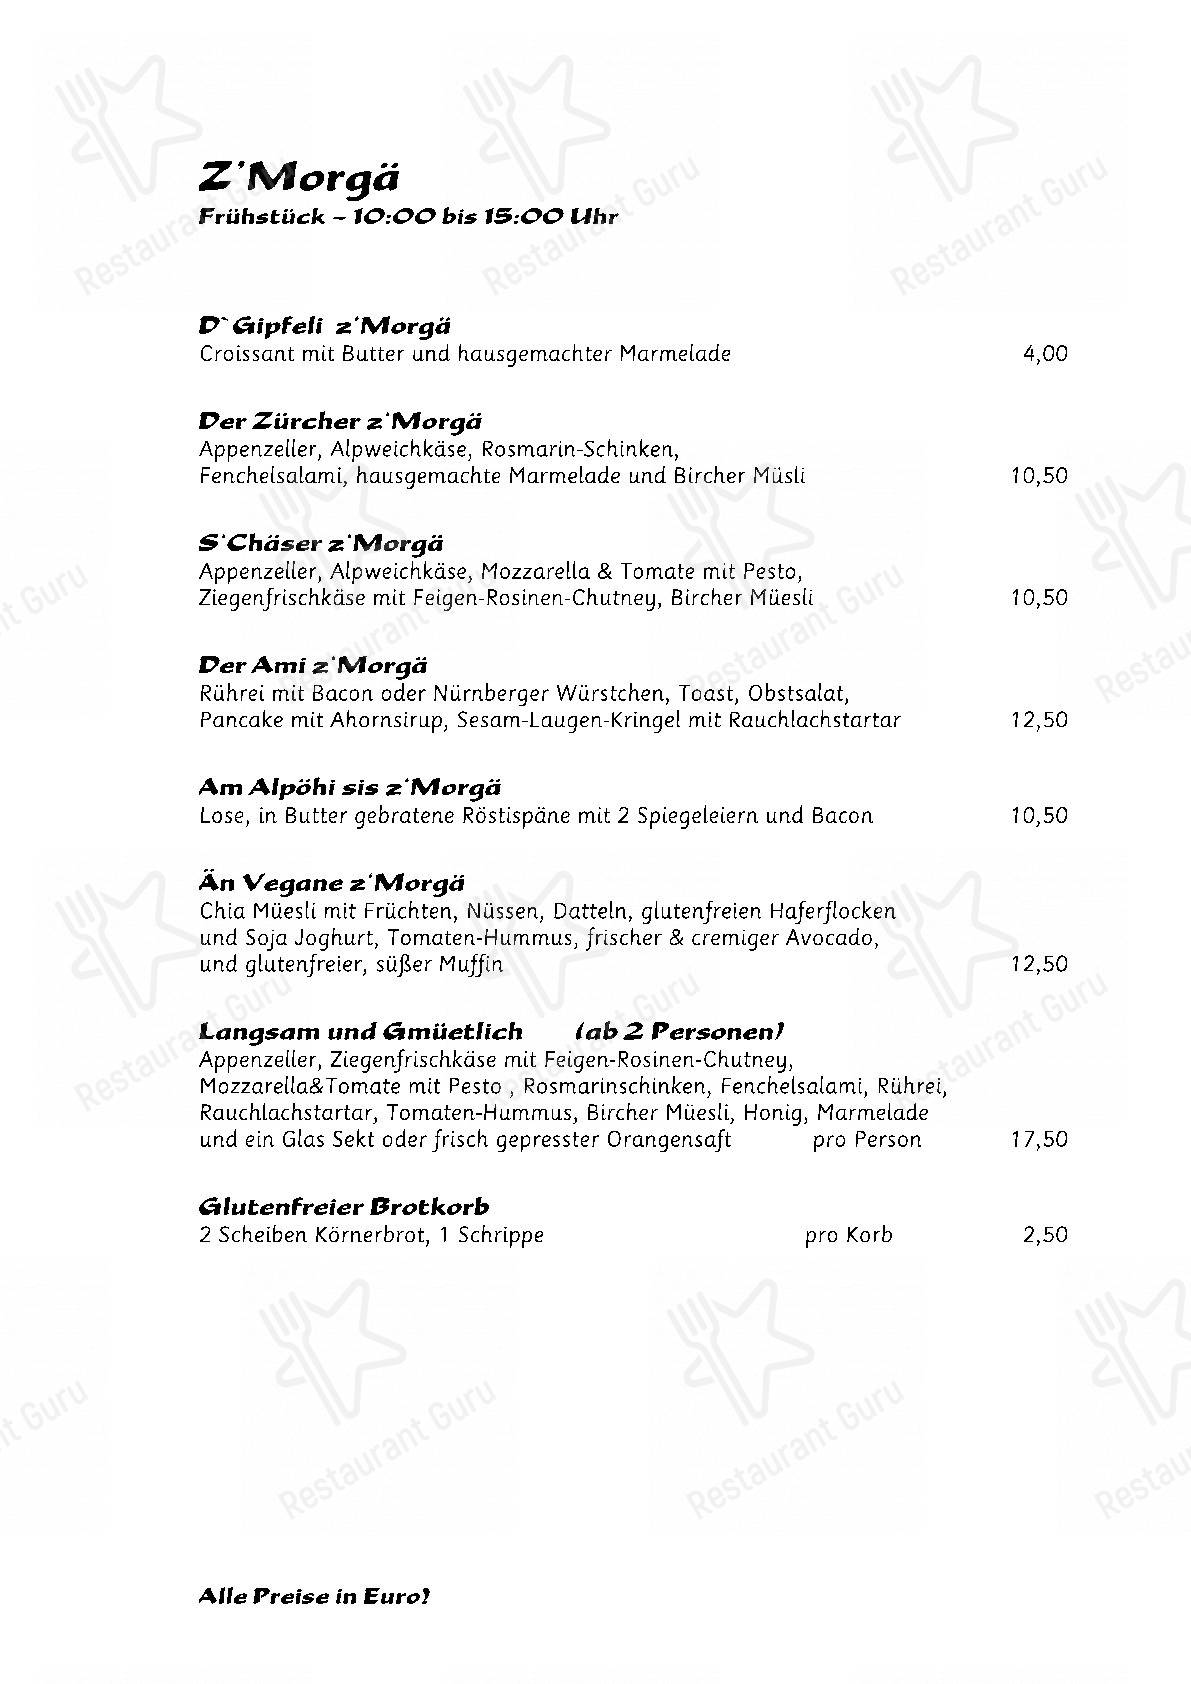 Menu for the Nola's am Weinberg restaurant